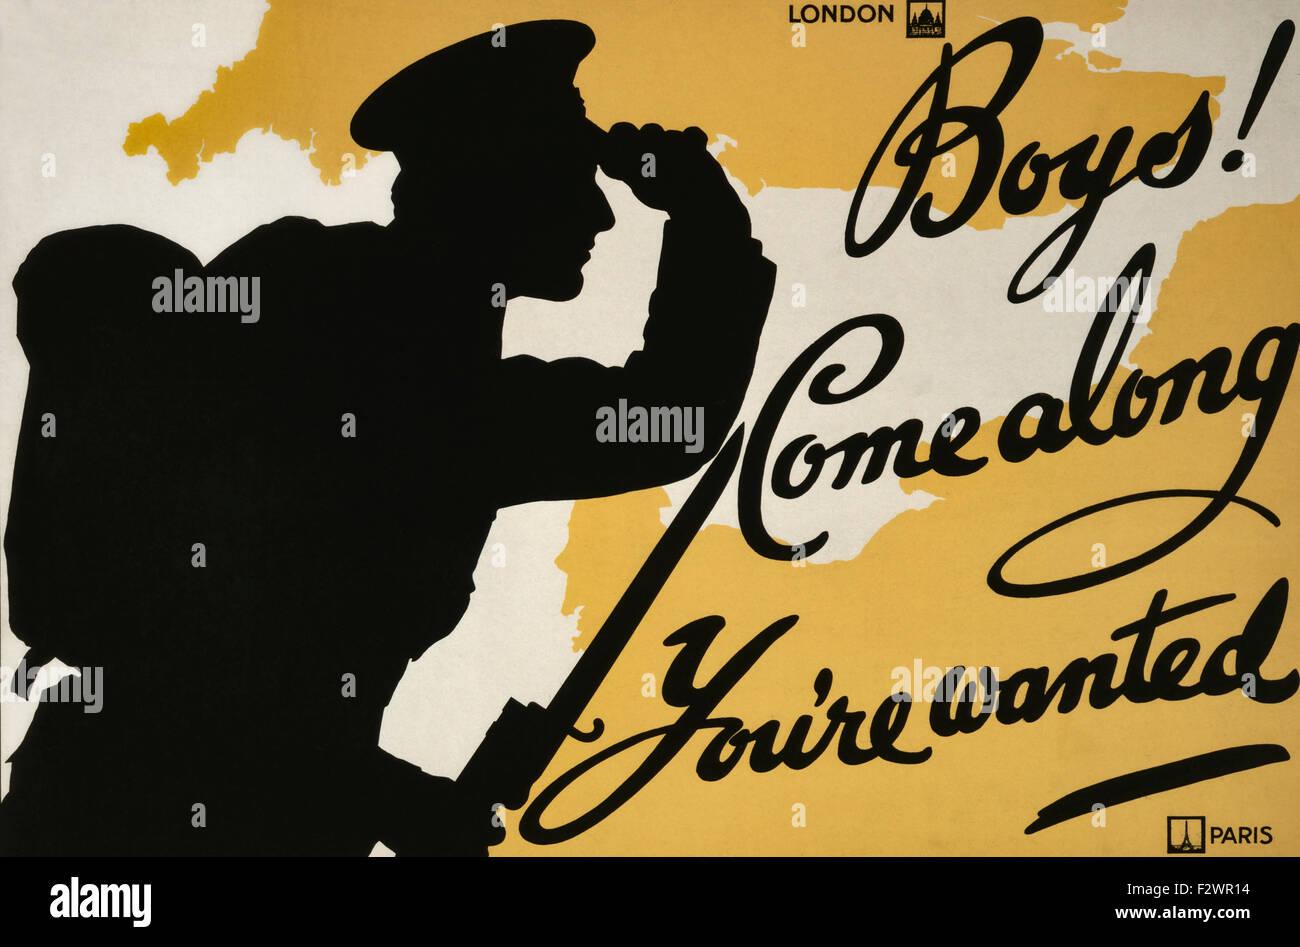 La Prima guerra mondiale il reclutamento di poster. Ragazzi! Vieni lungo sei voluto. Immagini Stock